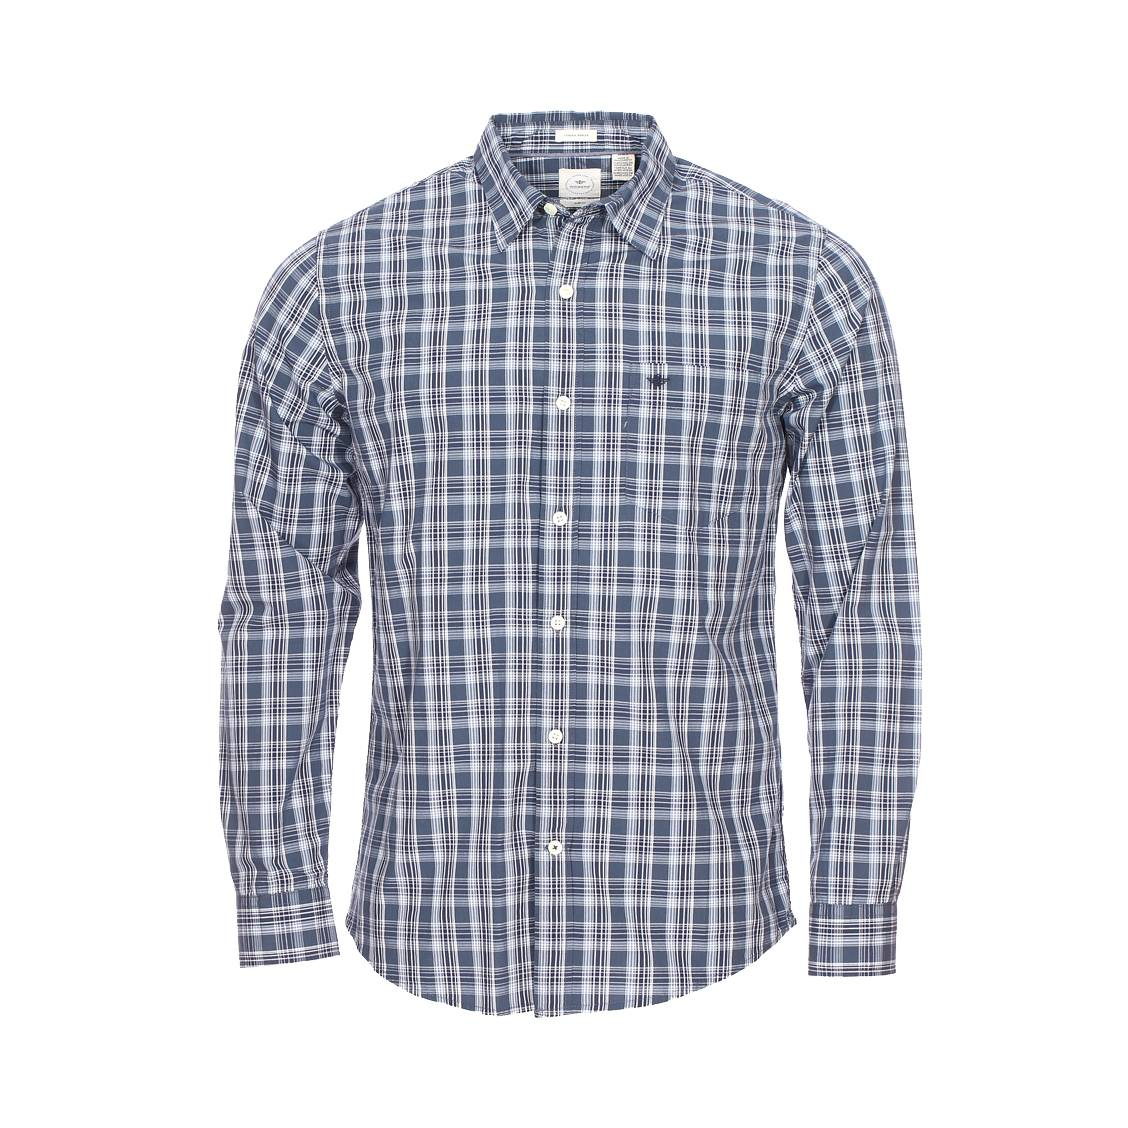 Chemise cintrée Dockers en popeline de coton à carreaux bleus et blancs